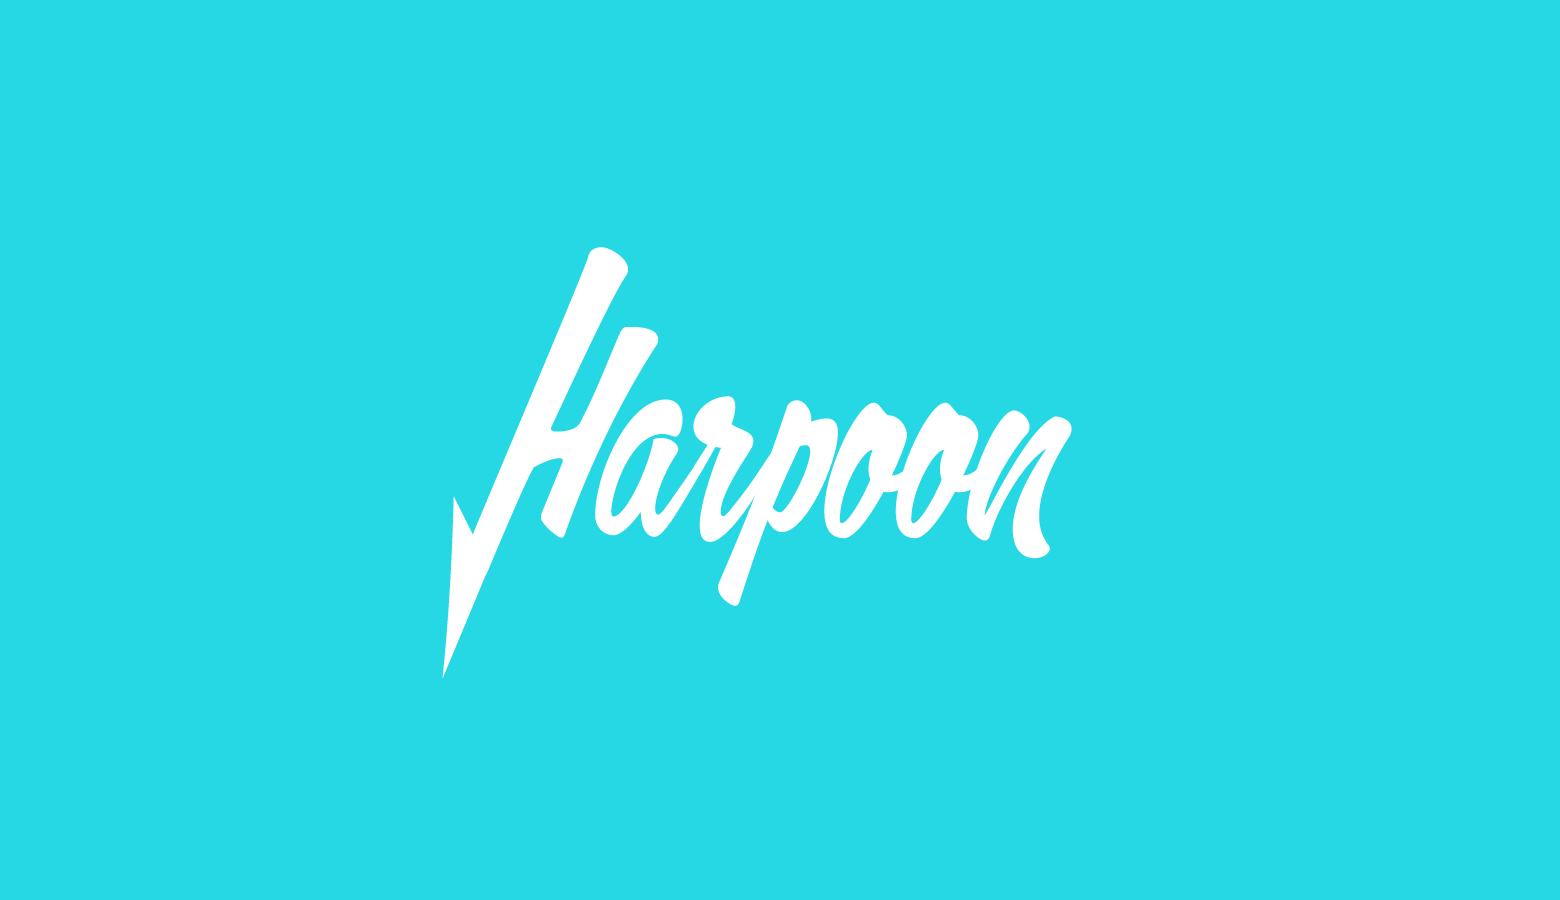 Harpoon 2015